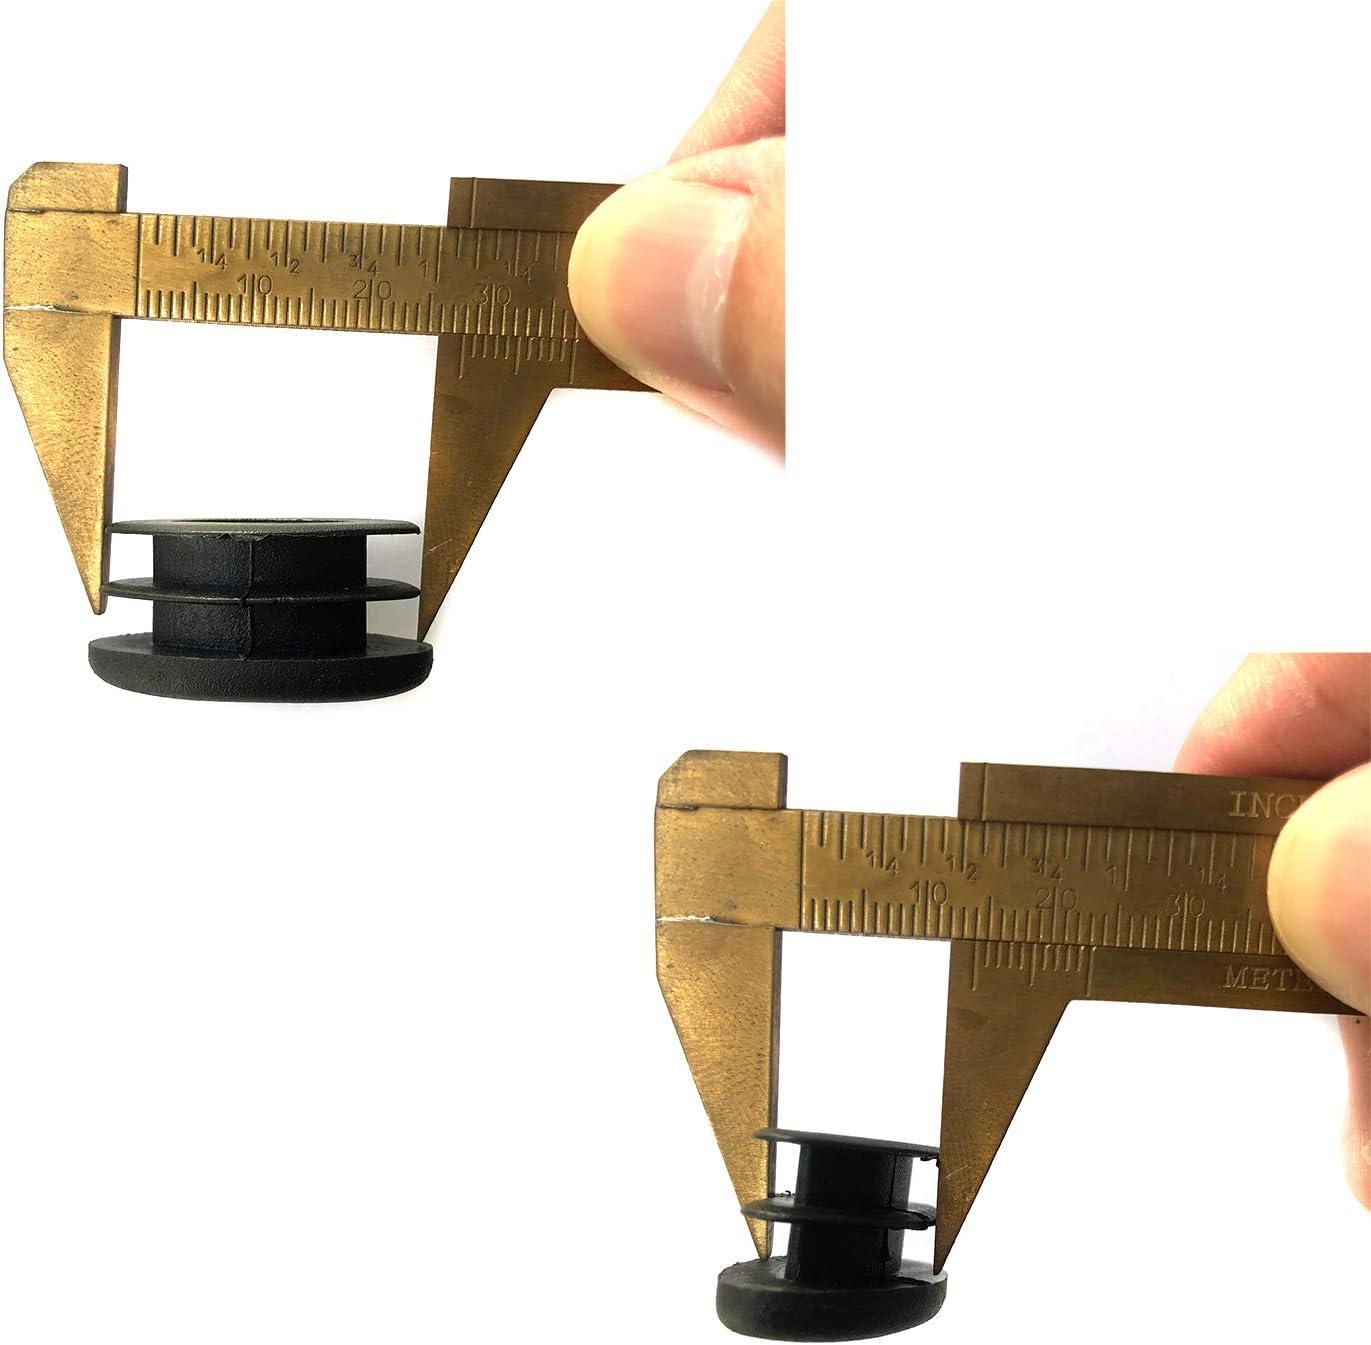 YouU 25 STK Schule Plastik Ovale Stuhl Bein Fu/ßkappe Schlaucheinsatz Schwarz 14x28mm